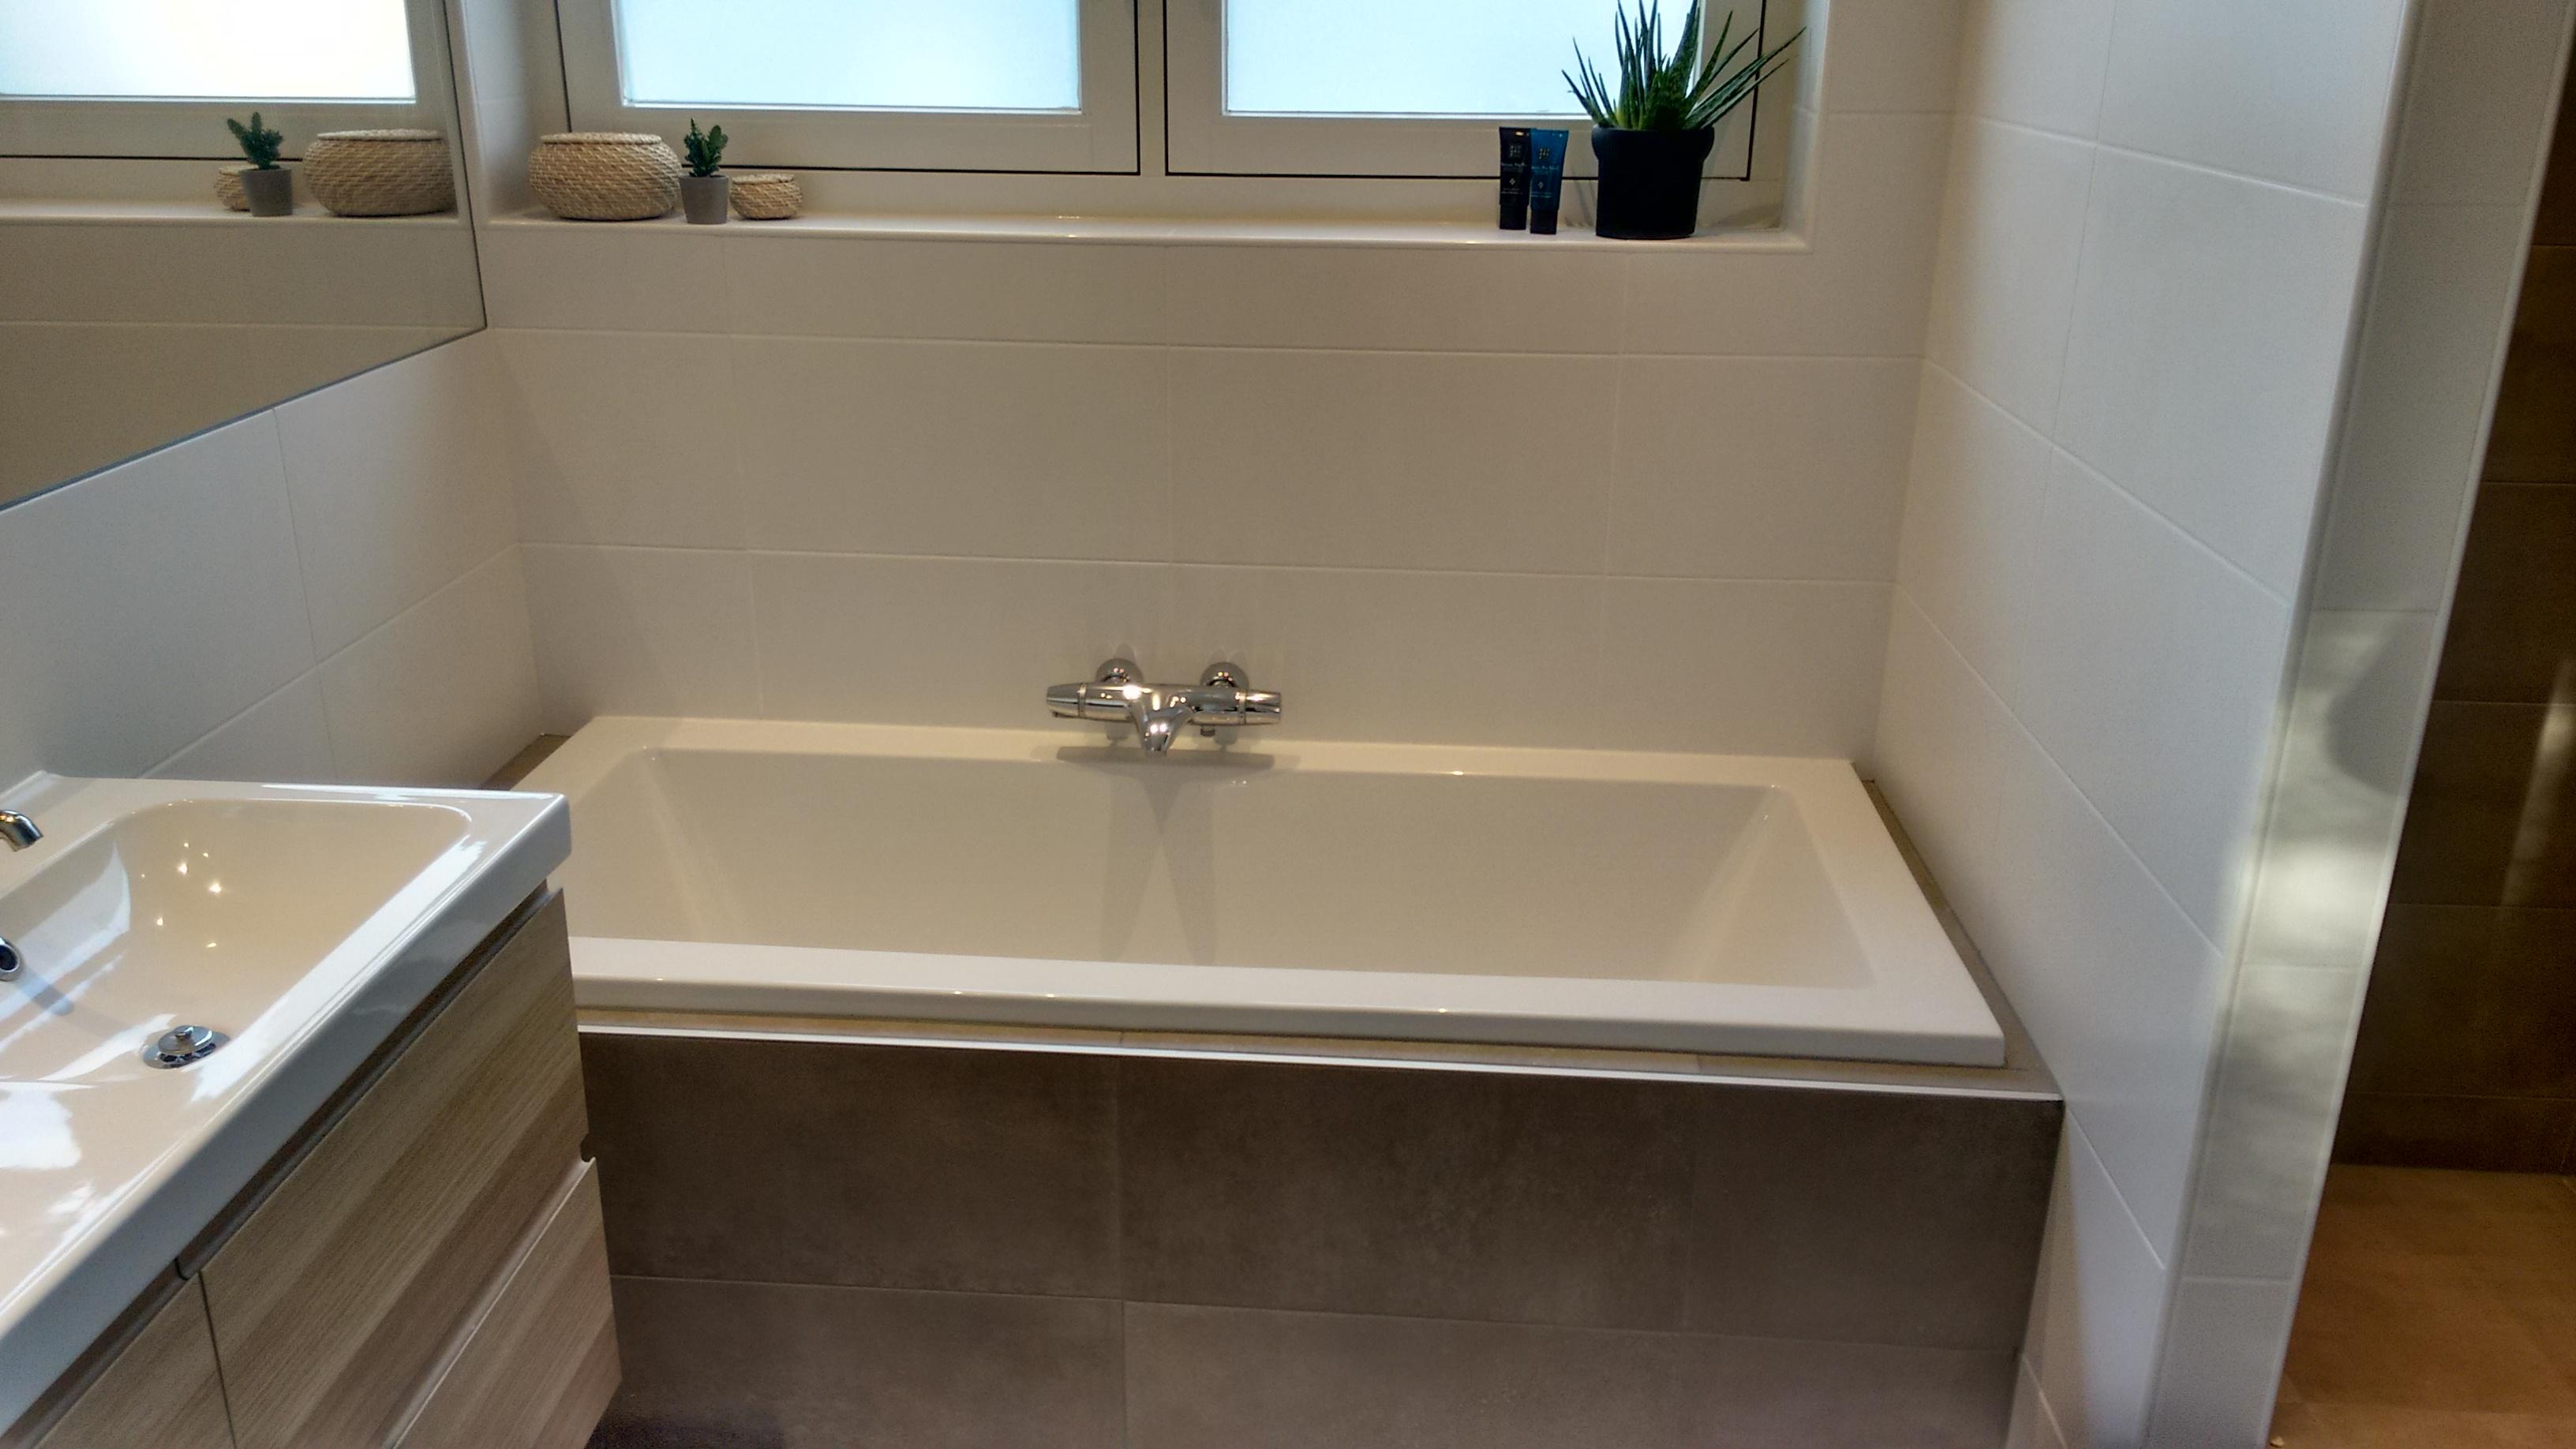 Badkamer plaatsen en betegelen door Klussenbedrijf J. Jongbloed